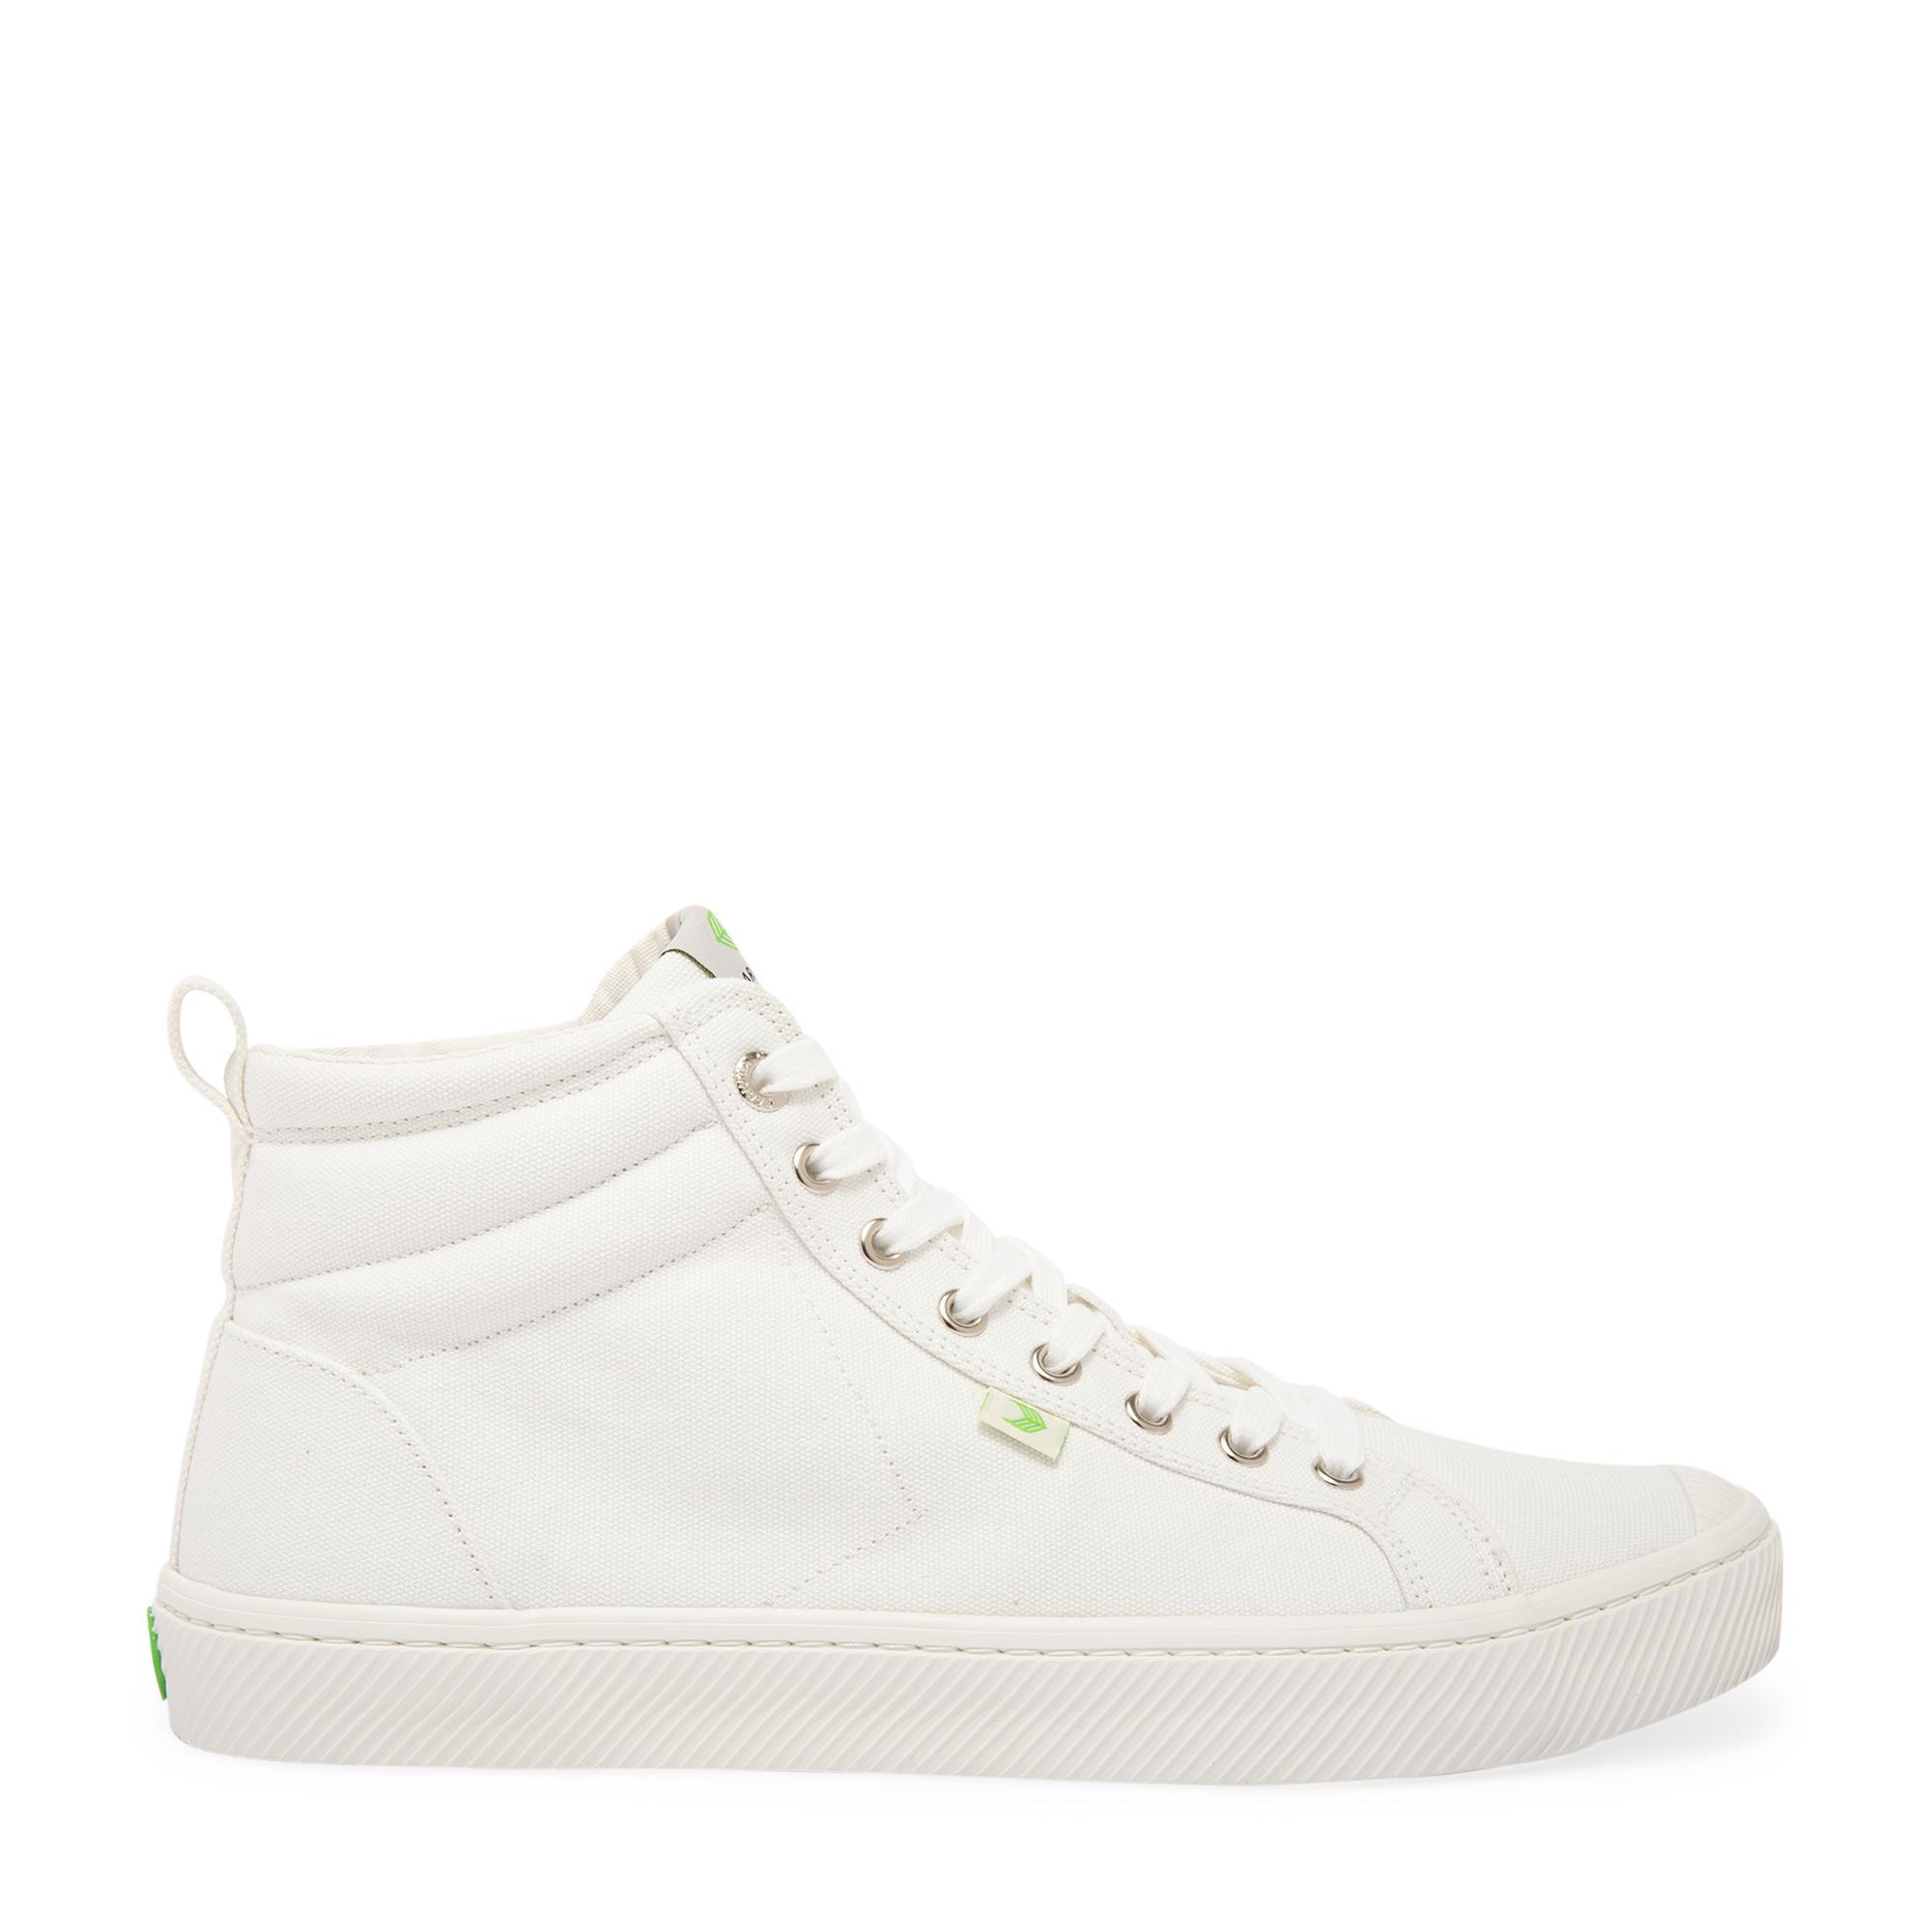 Oca High sneakers